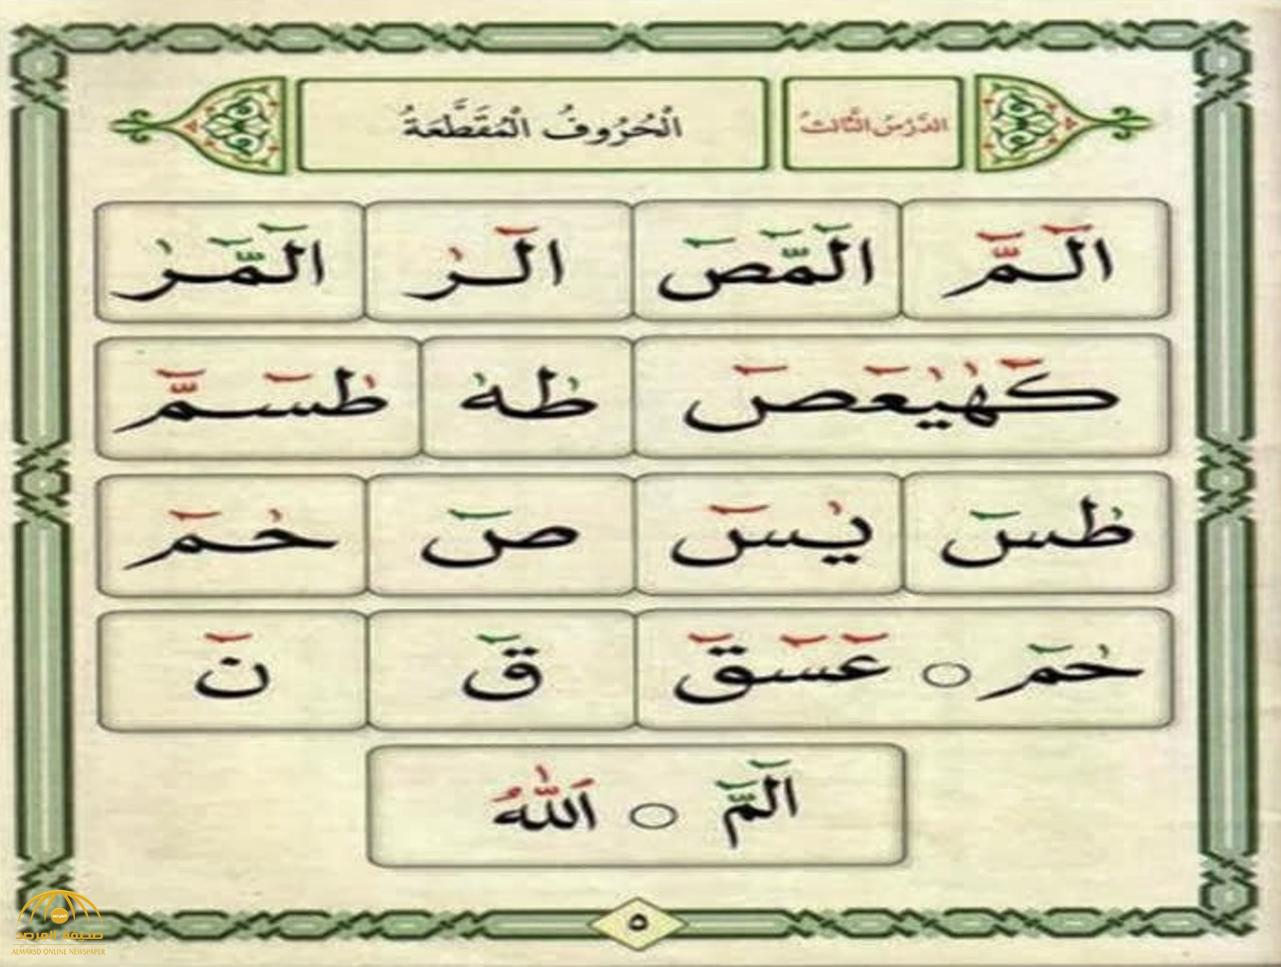 بالفيديو.. شاهد شاب سعودي يفسر الحروف المقطعة في القرآن تفسيرا سريانيا!